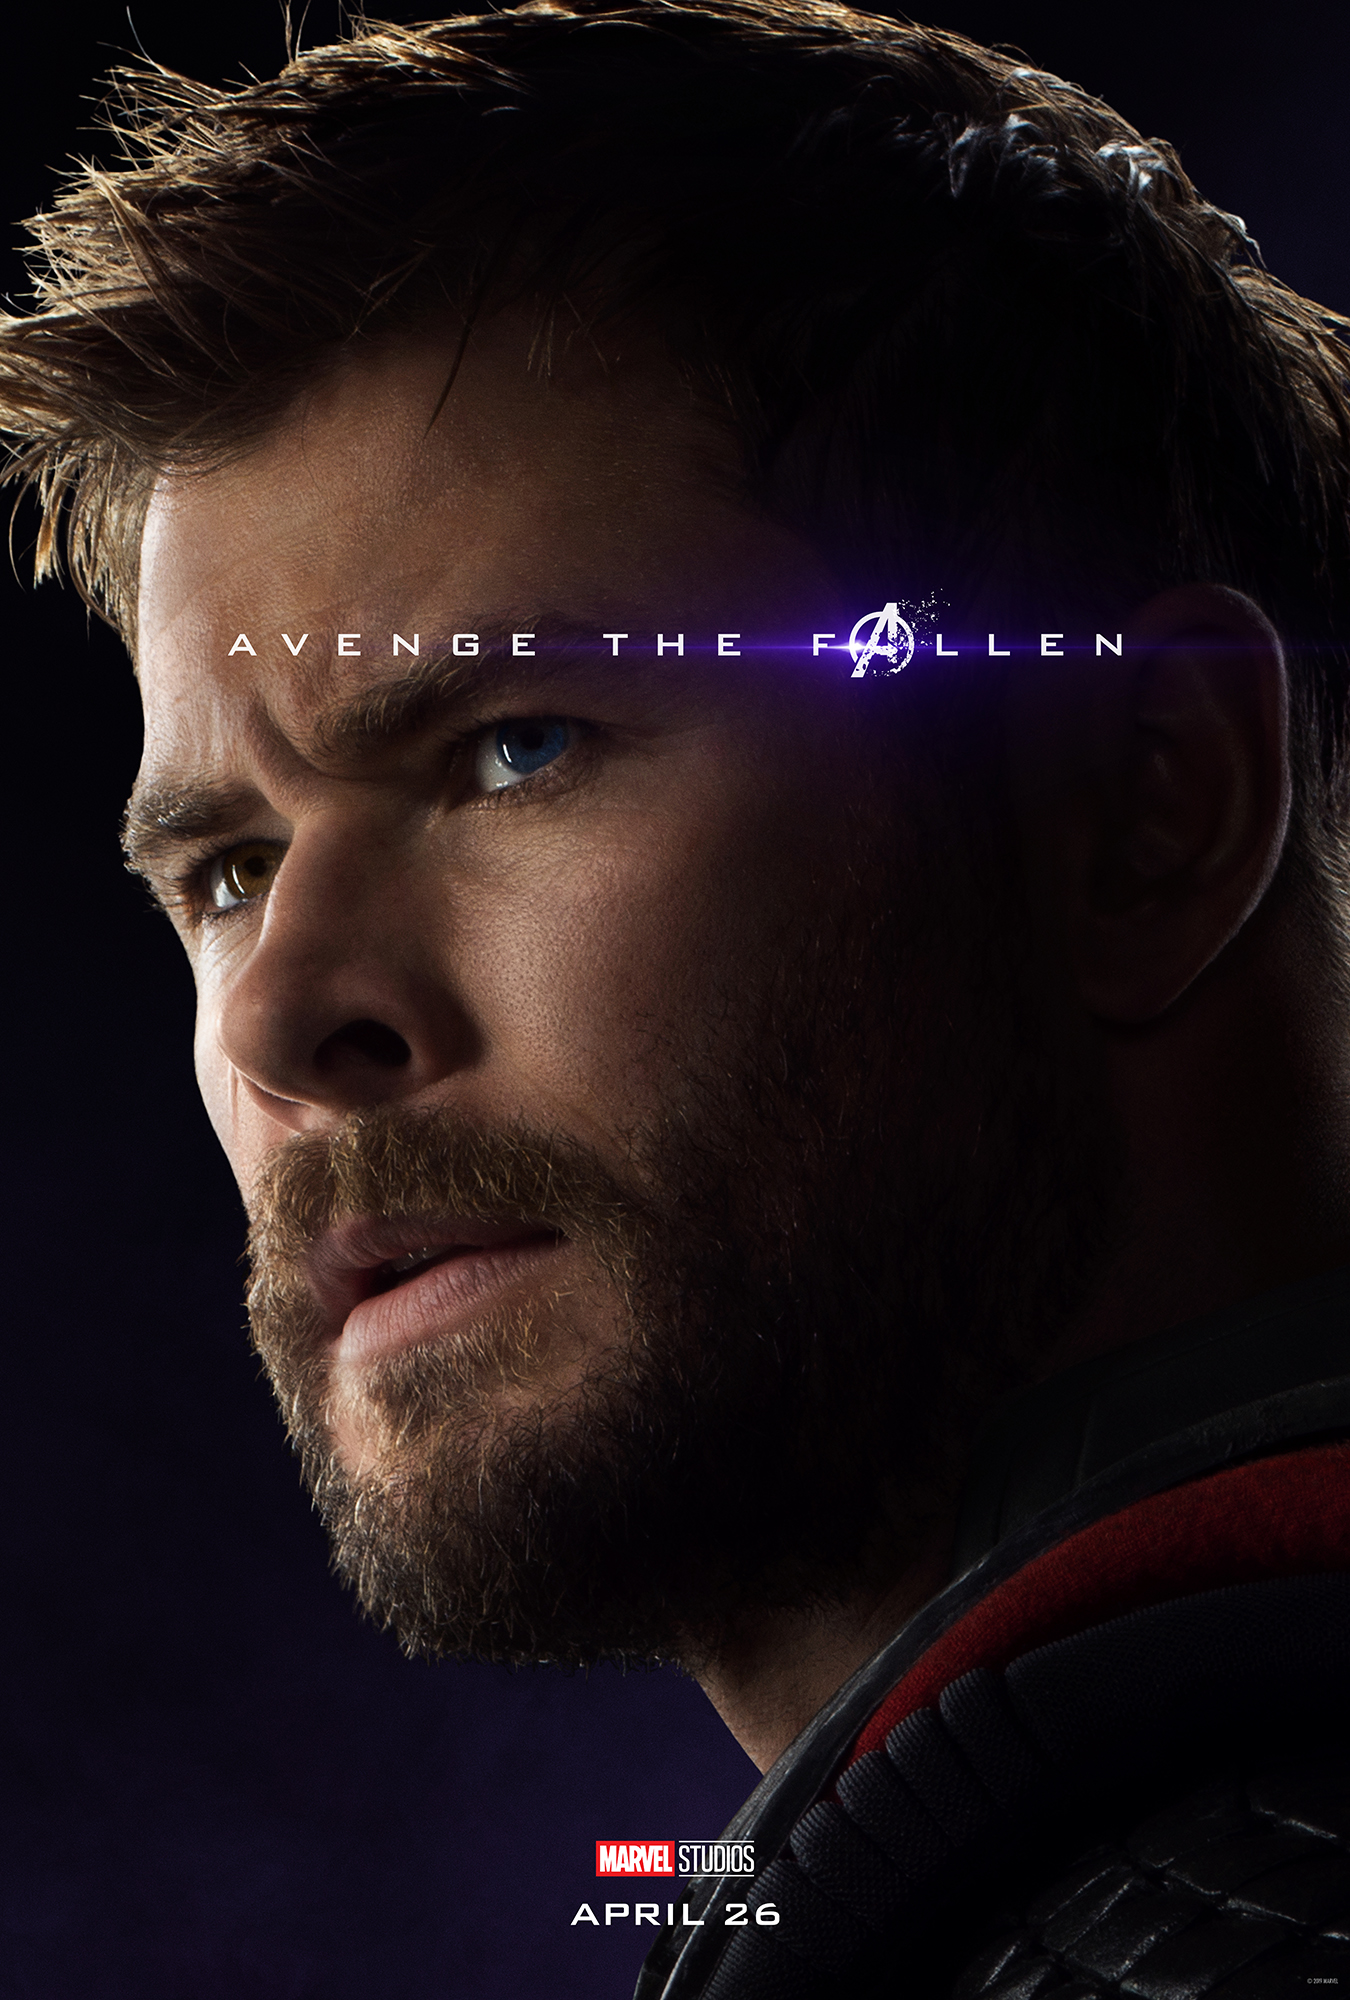 Avengers_Endgame_Char1Sht_Thor_Avenge_mech1_FS_100dpi.jpg